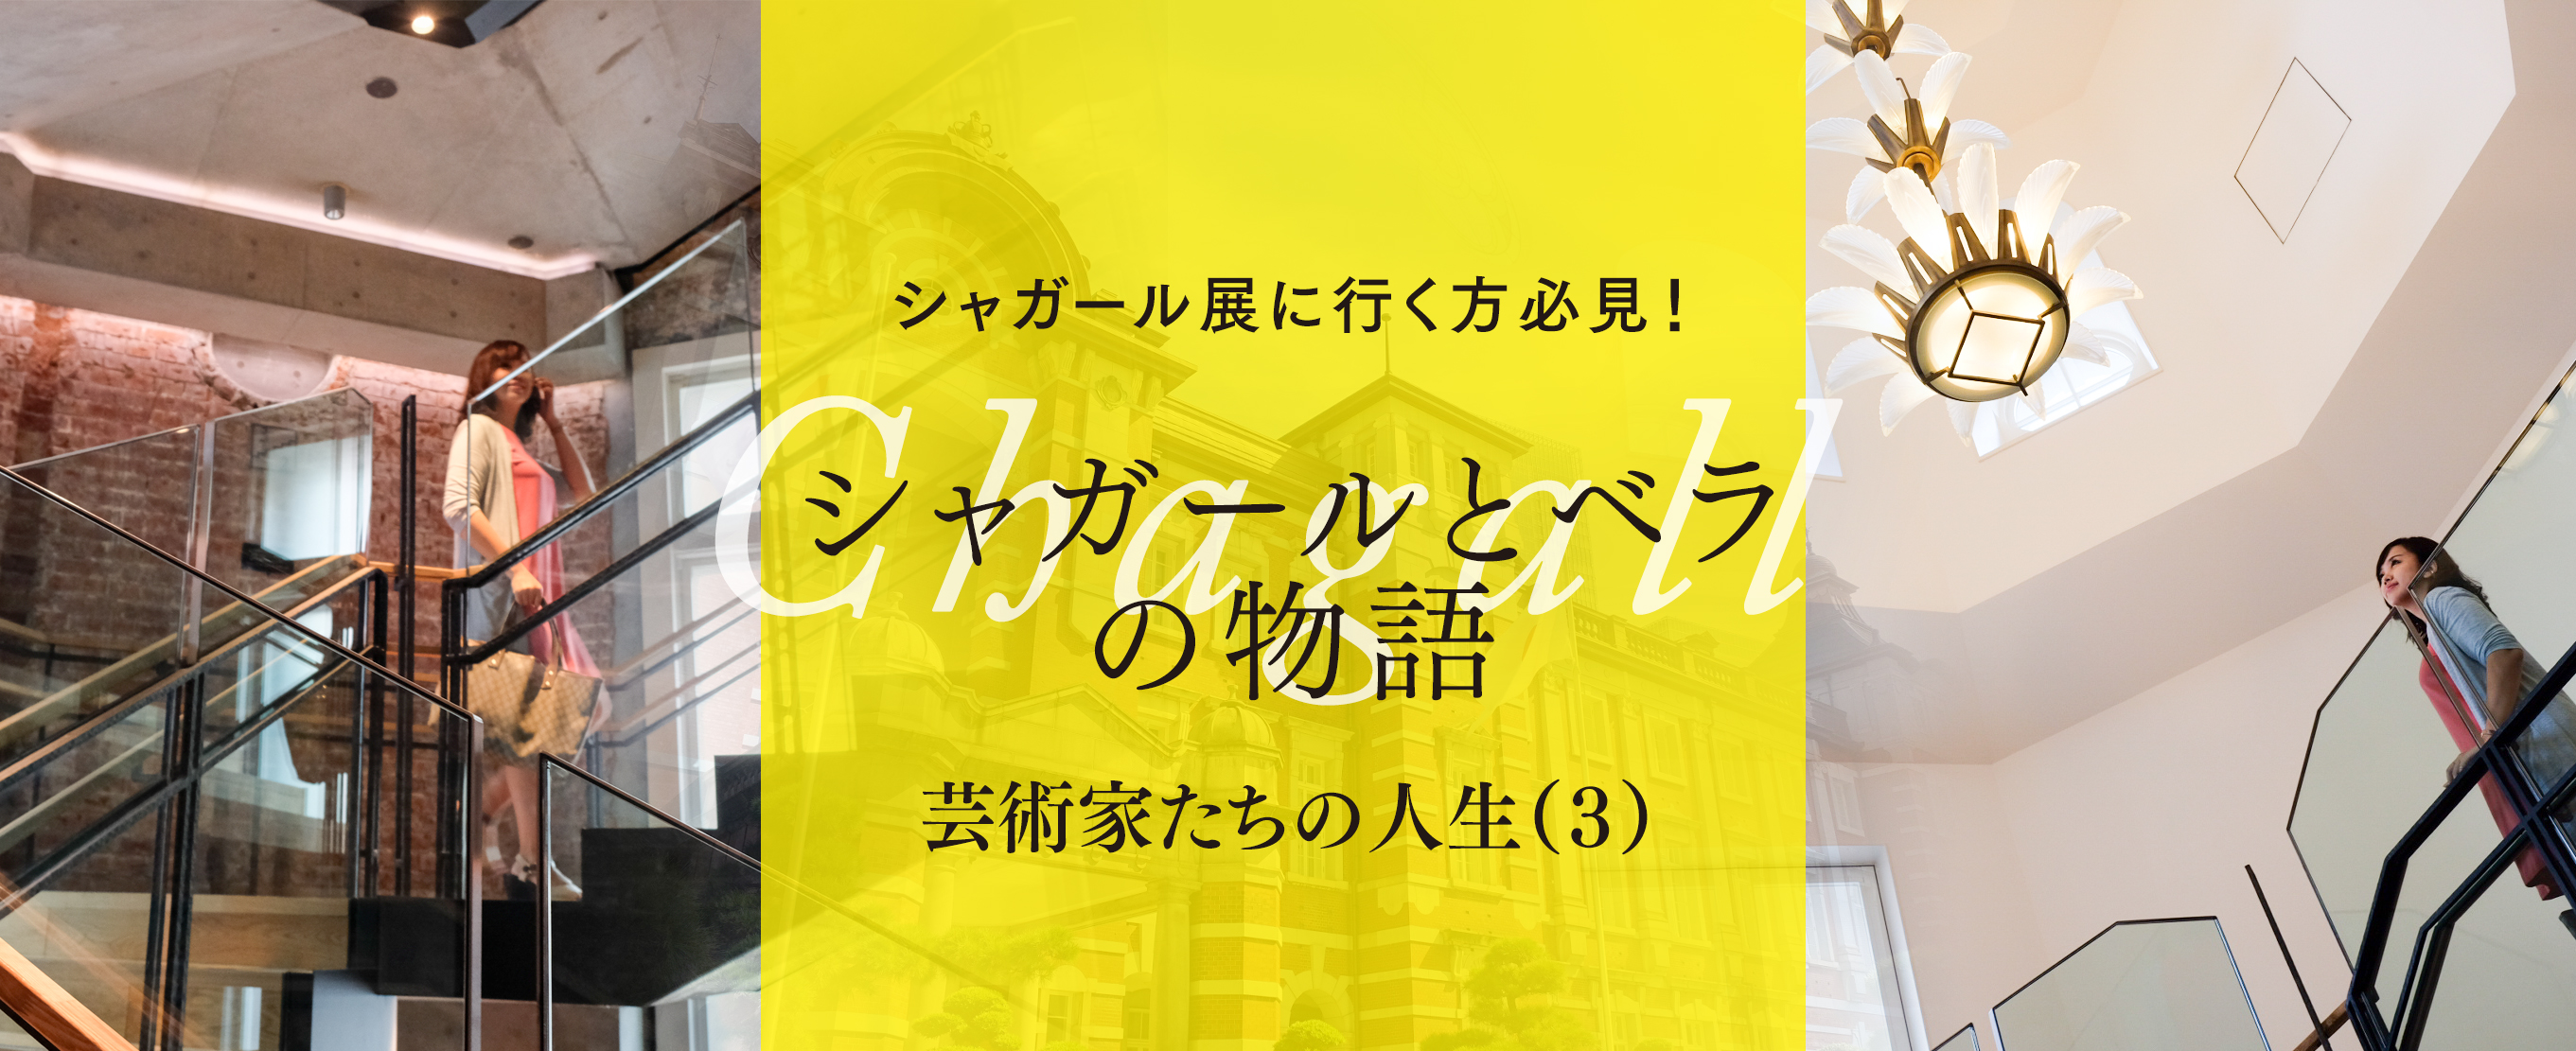 シャガール展に行く方必見!シャガールとベラの物語〜芸術家たちの人生(3)〜